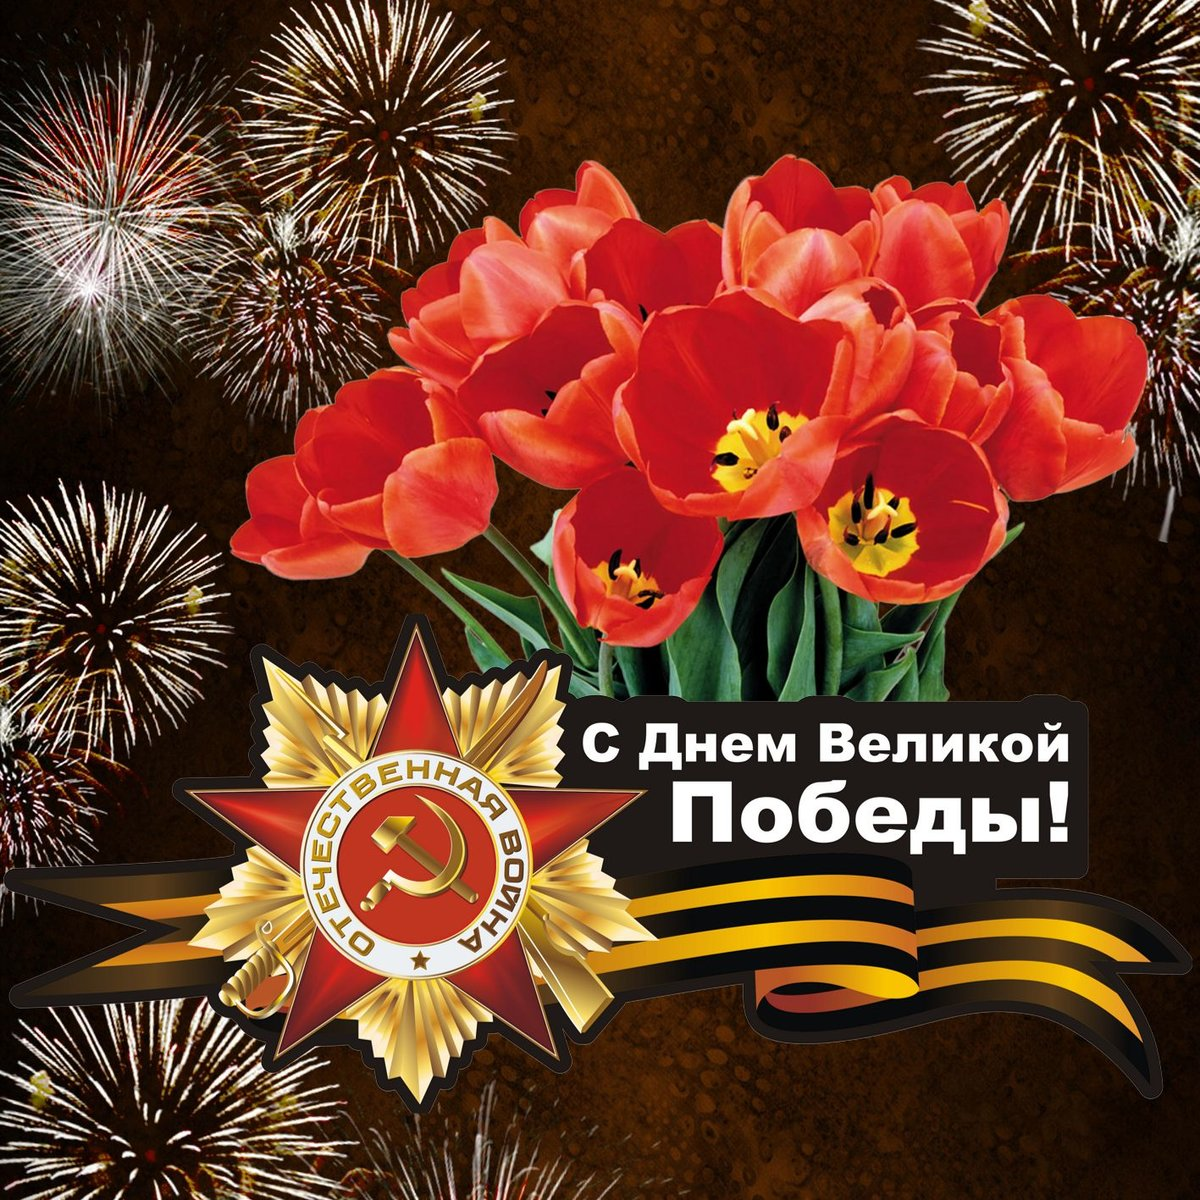 Фото открыток с днем победы, картинки